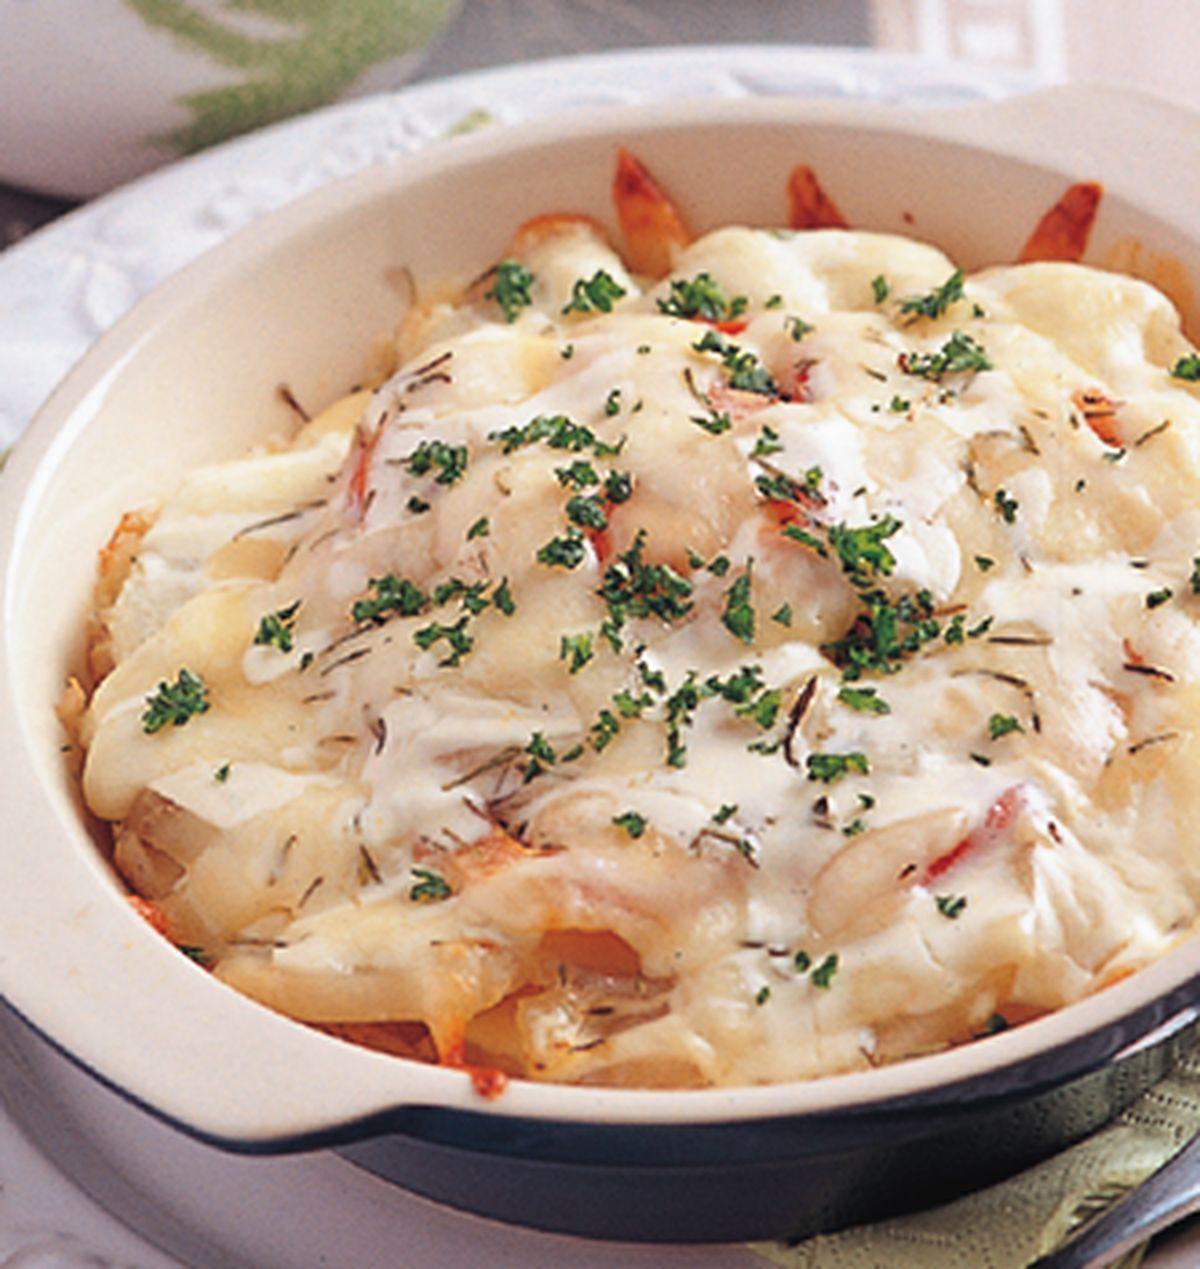 食譜:焗烤蕃茄馬鈴薯